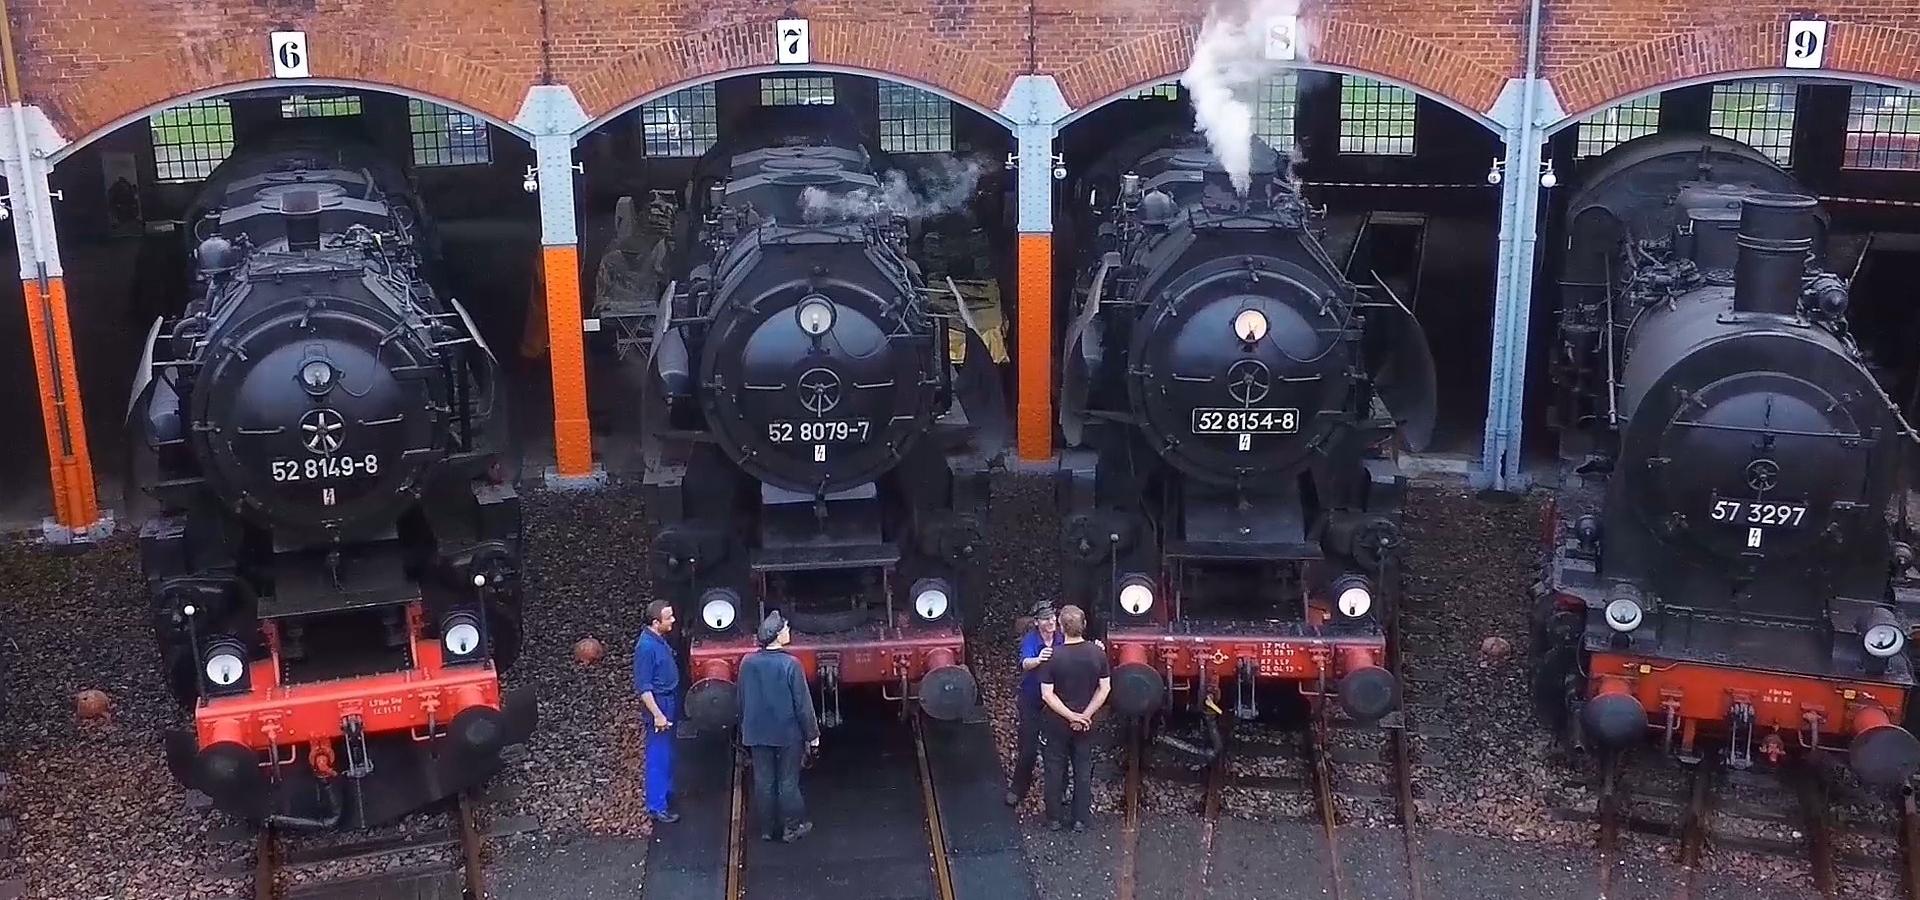 Eisenbahnmuseum Dampflok von oben